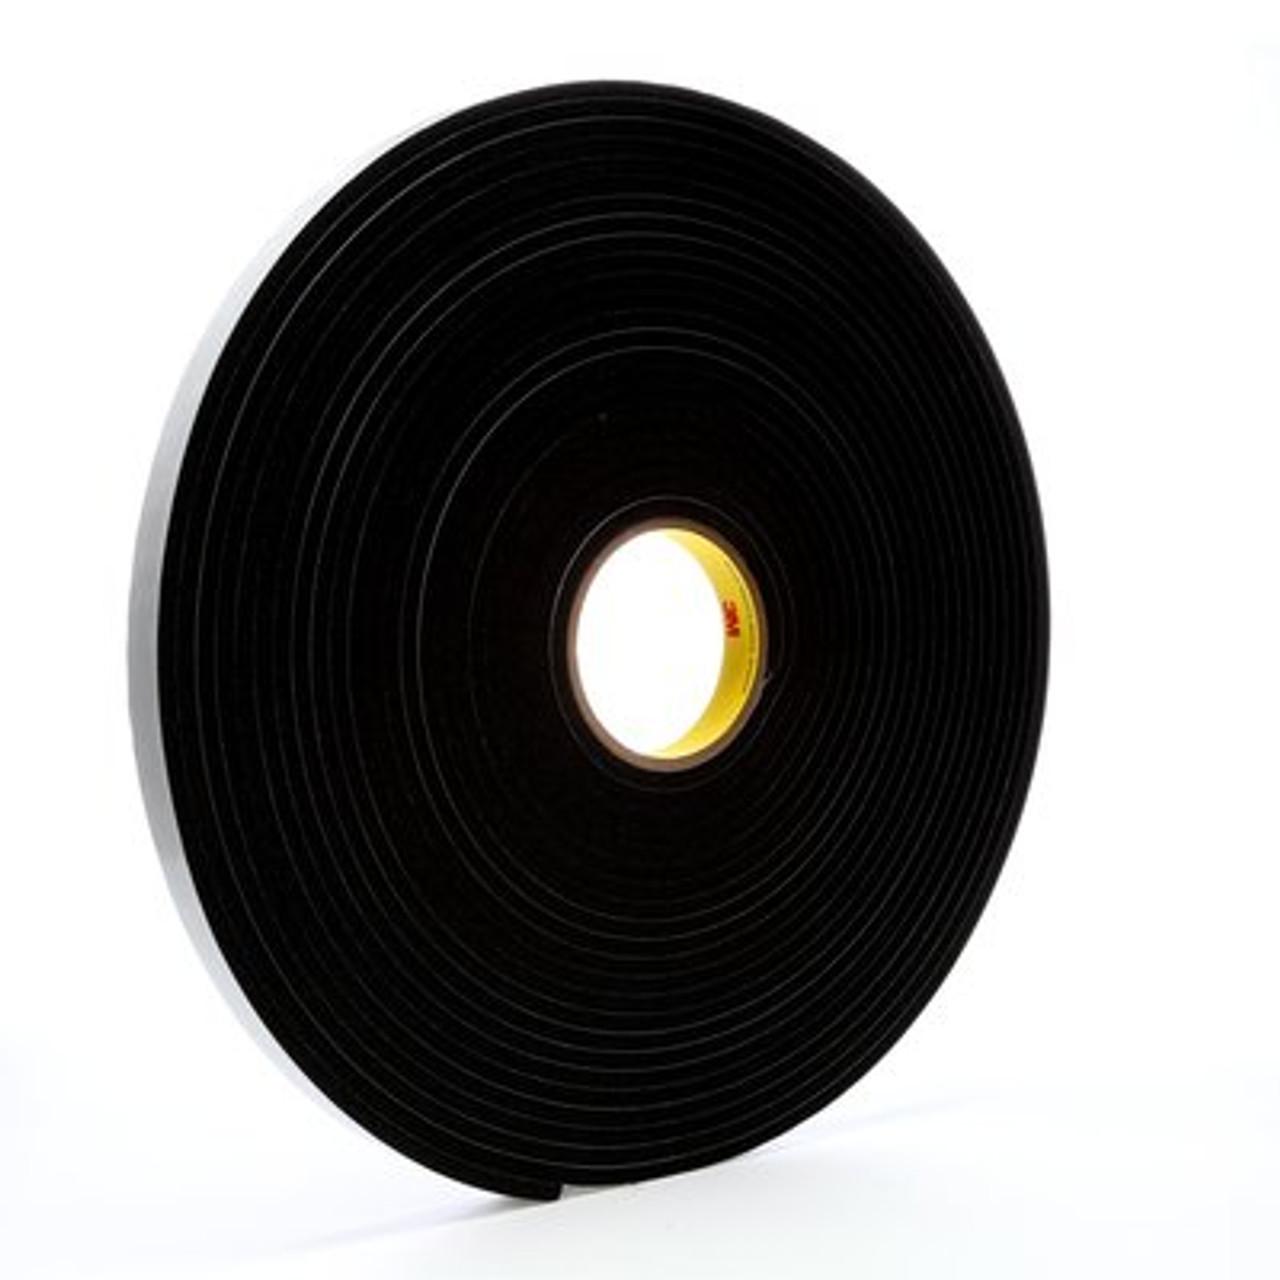 3M™ Vinyl Foam Tape 4504 Black, 3/4 in x 18 yd